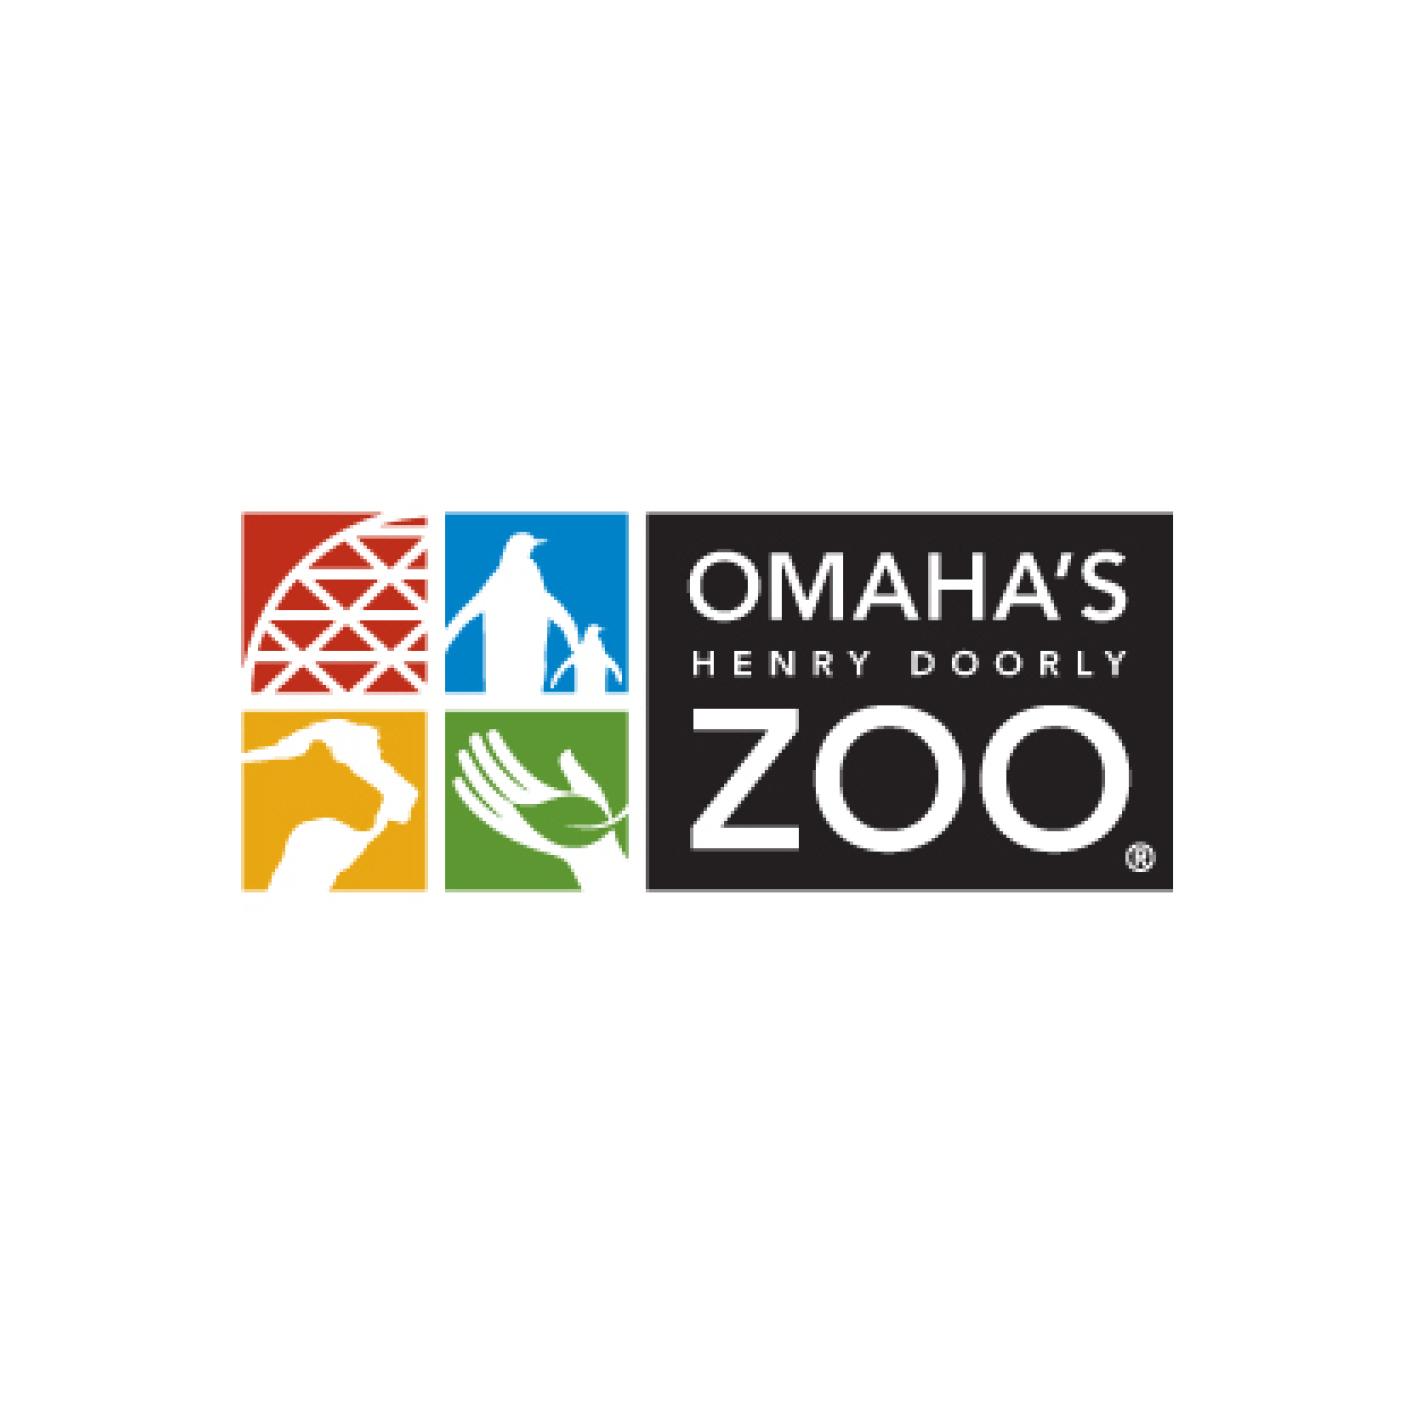 Nebraska Logo Design  Logo Design by BusinessLogonet